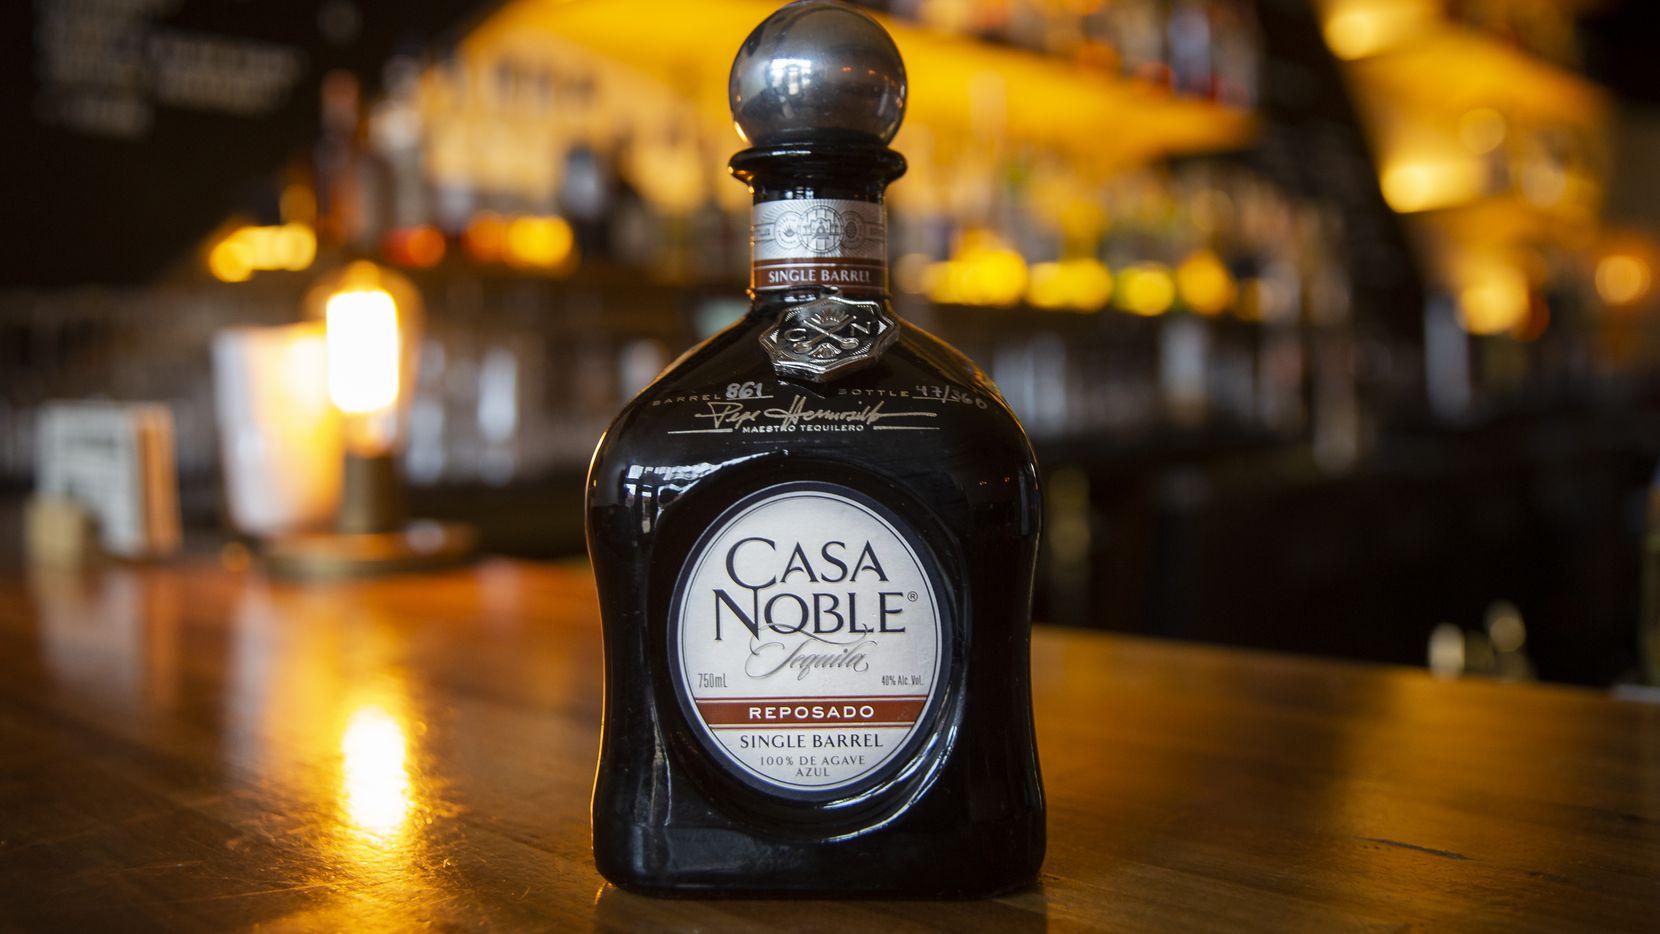 The Casa Noble Reposado Deep Ellum Edition singe barrel tequila at Shoals